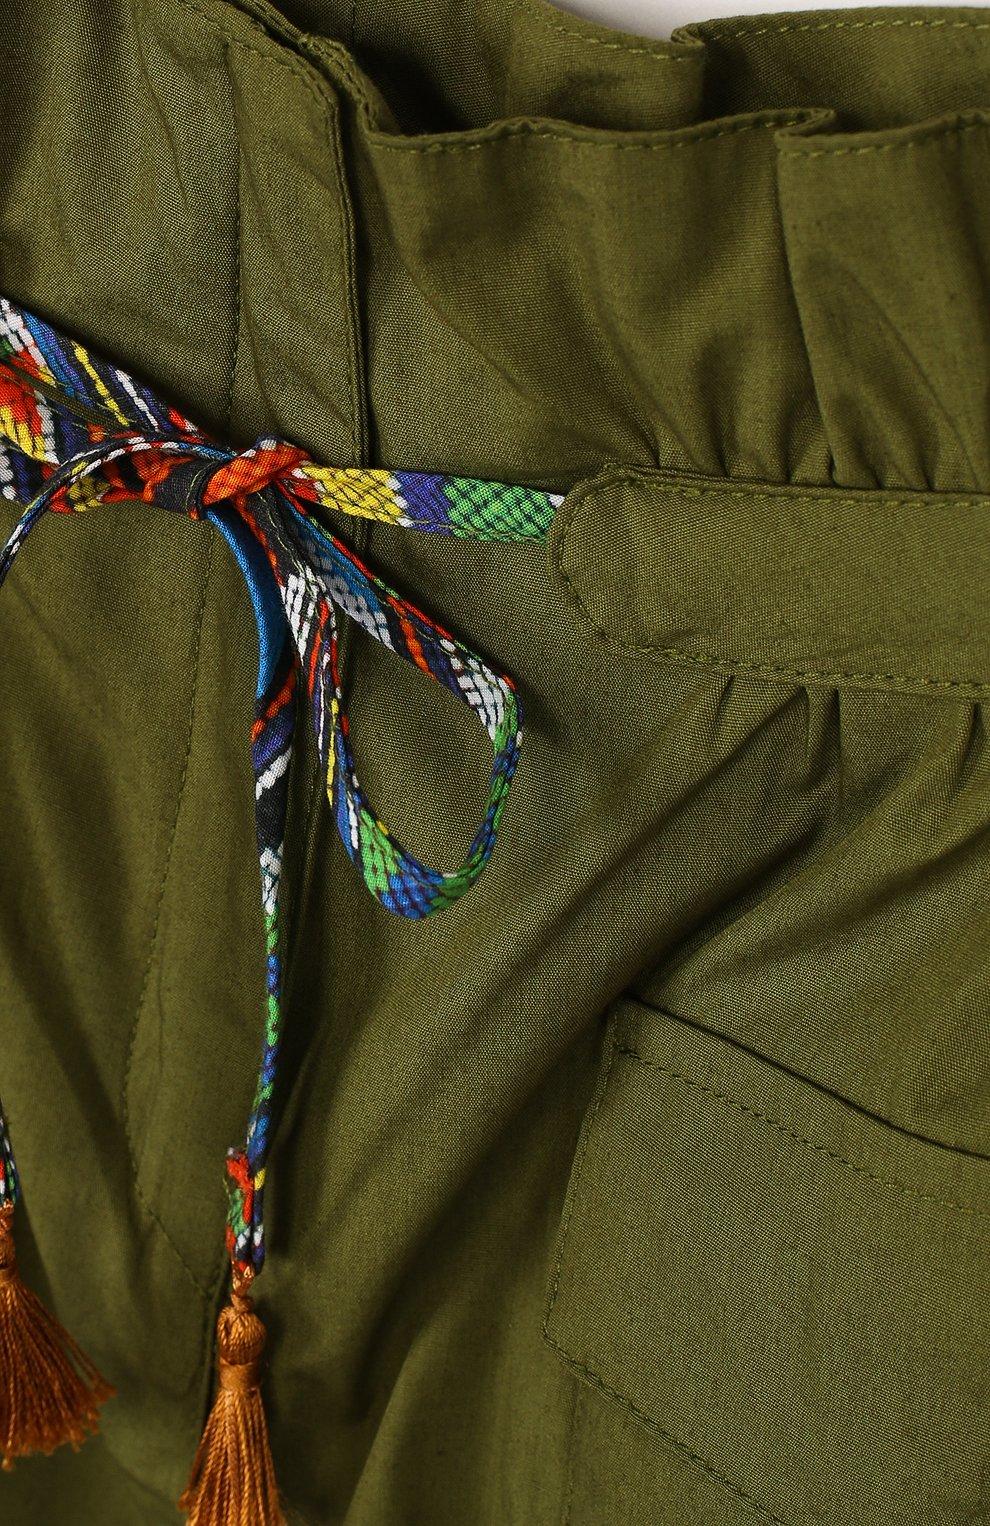 Детские хлопковые шорты с поясом на кулиске и накладными карманами STELLA JEAN KIDS хаки цвета, арт. J/JF/PC01/0317/4A-6A | Фото 3